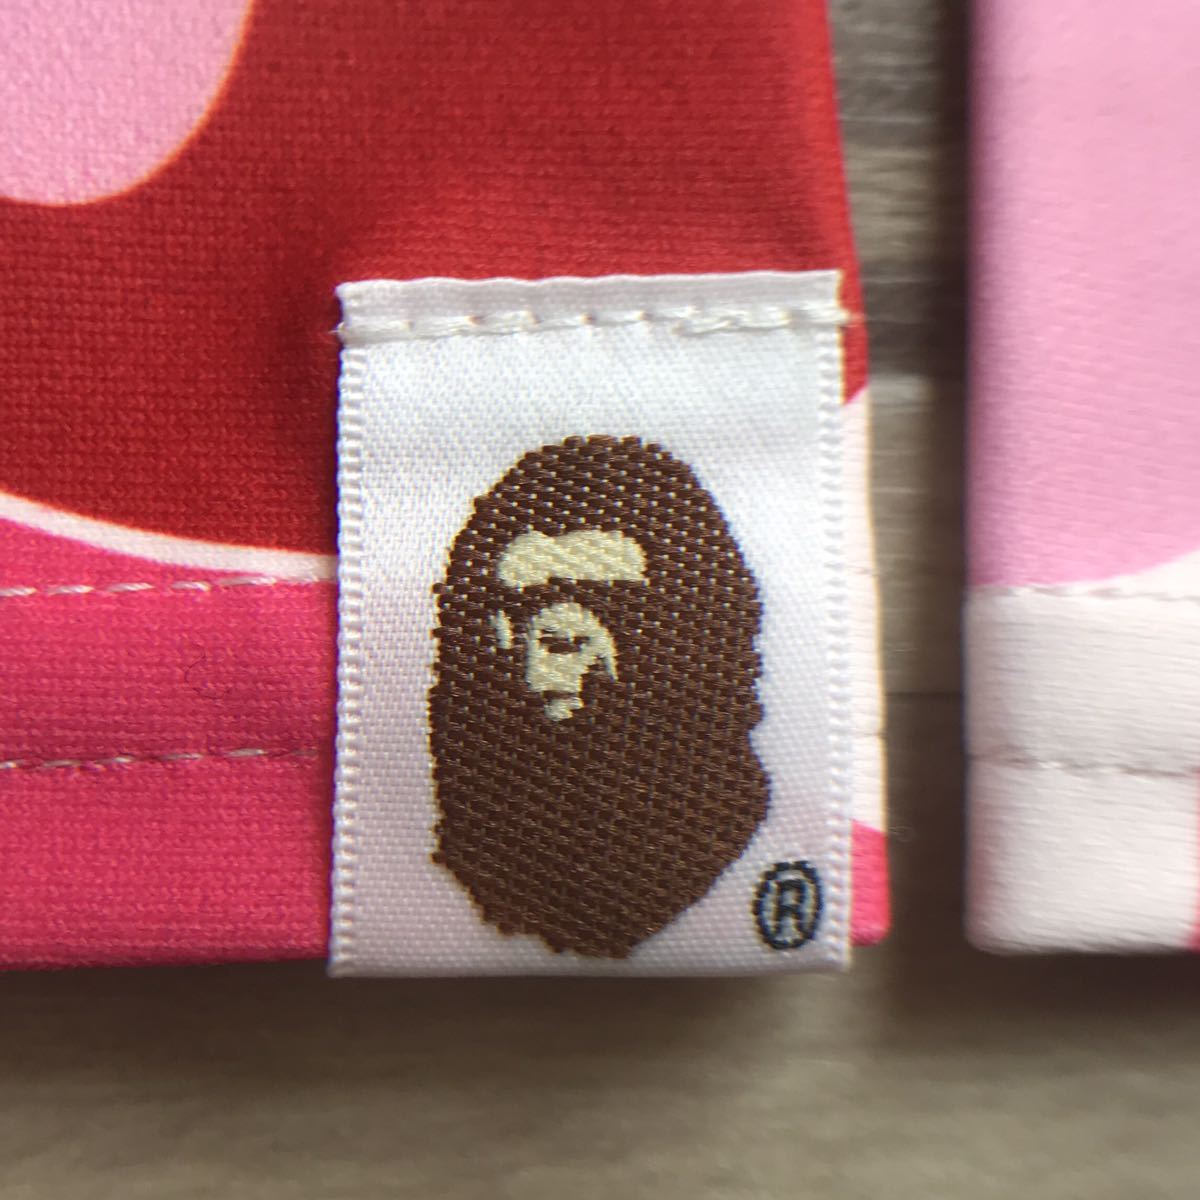 ★新品★ ABC camo pink sleeve アームカバー a bathing ape BAPE エイプ ベイプ アベイシングエイプ 迷彩 ABCカモ ピンク